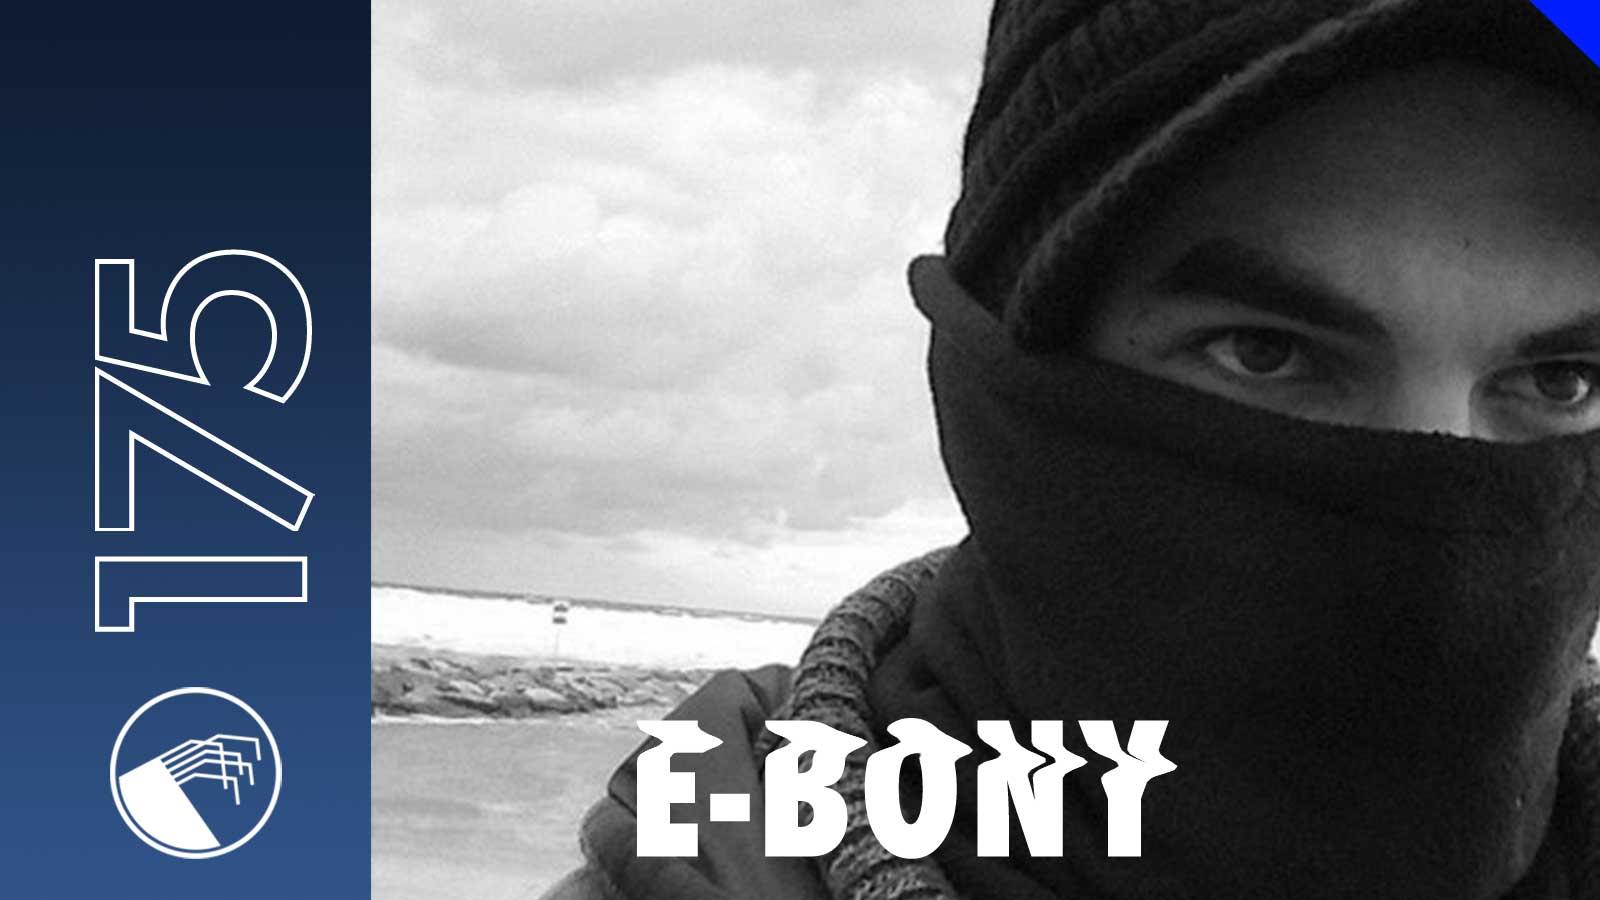 175 E-BONY